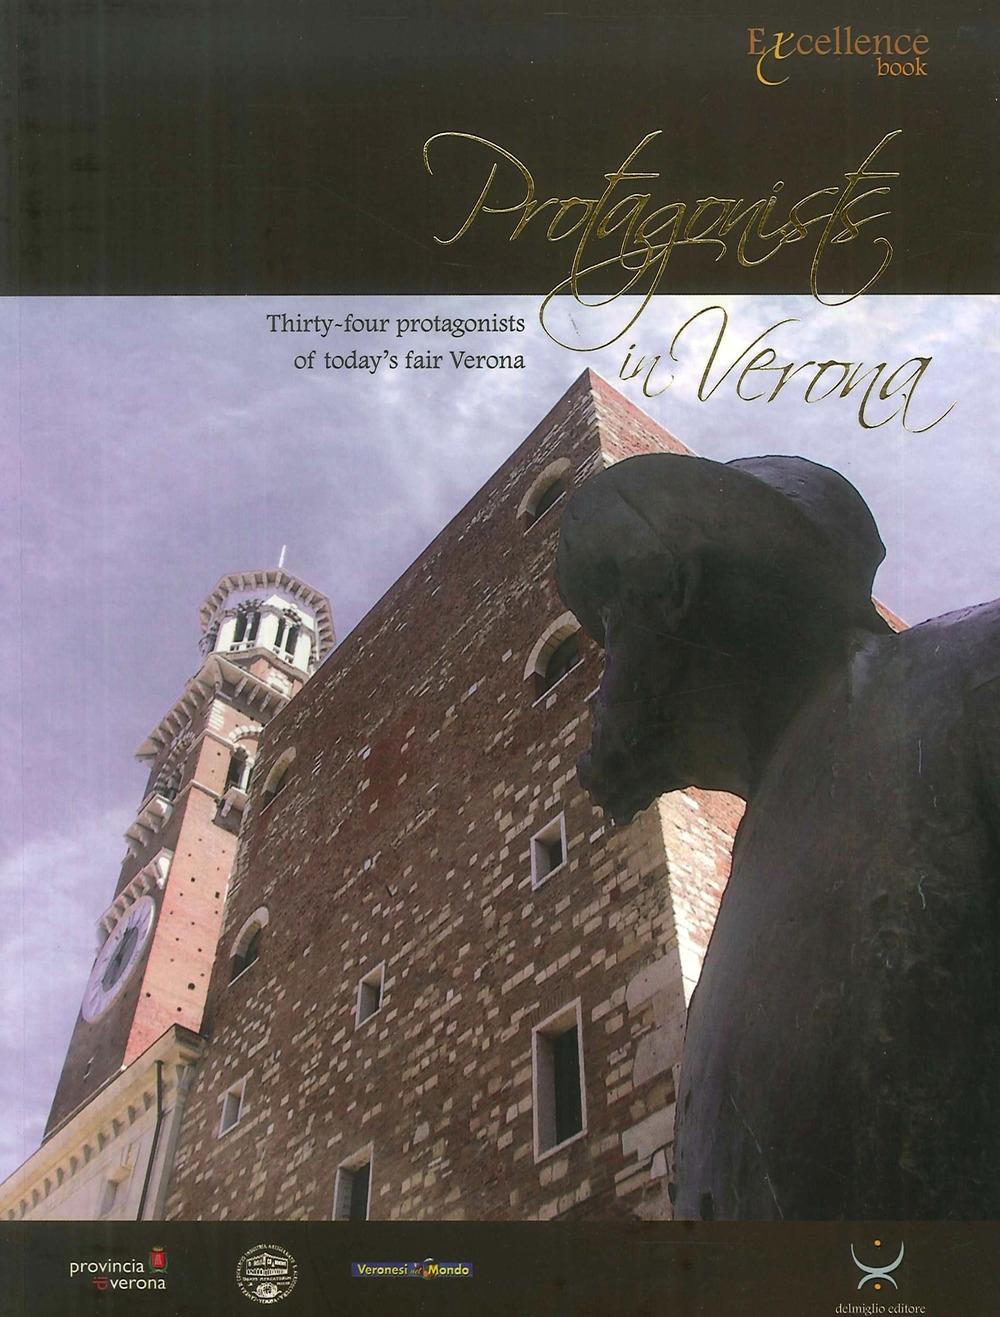 Protagonists-in-Verona-Delmiglio